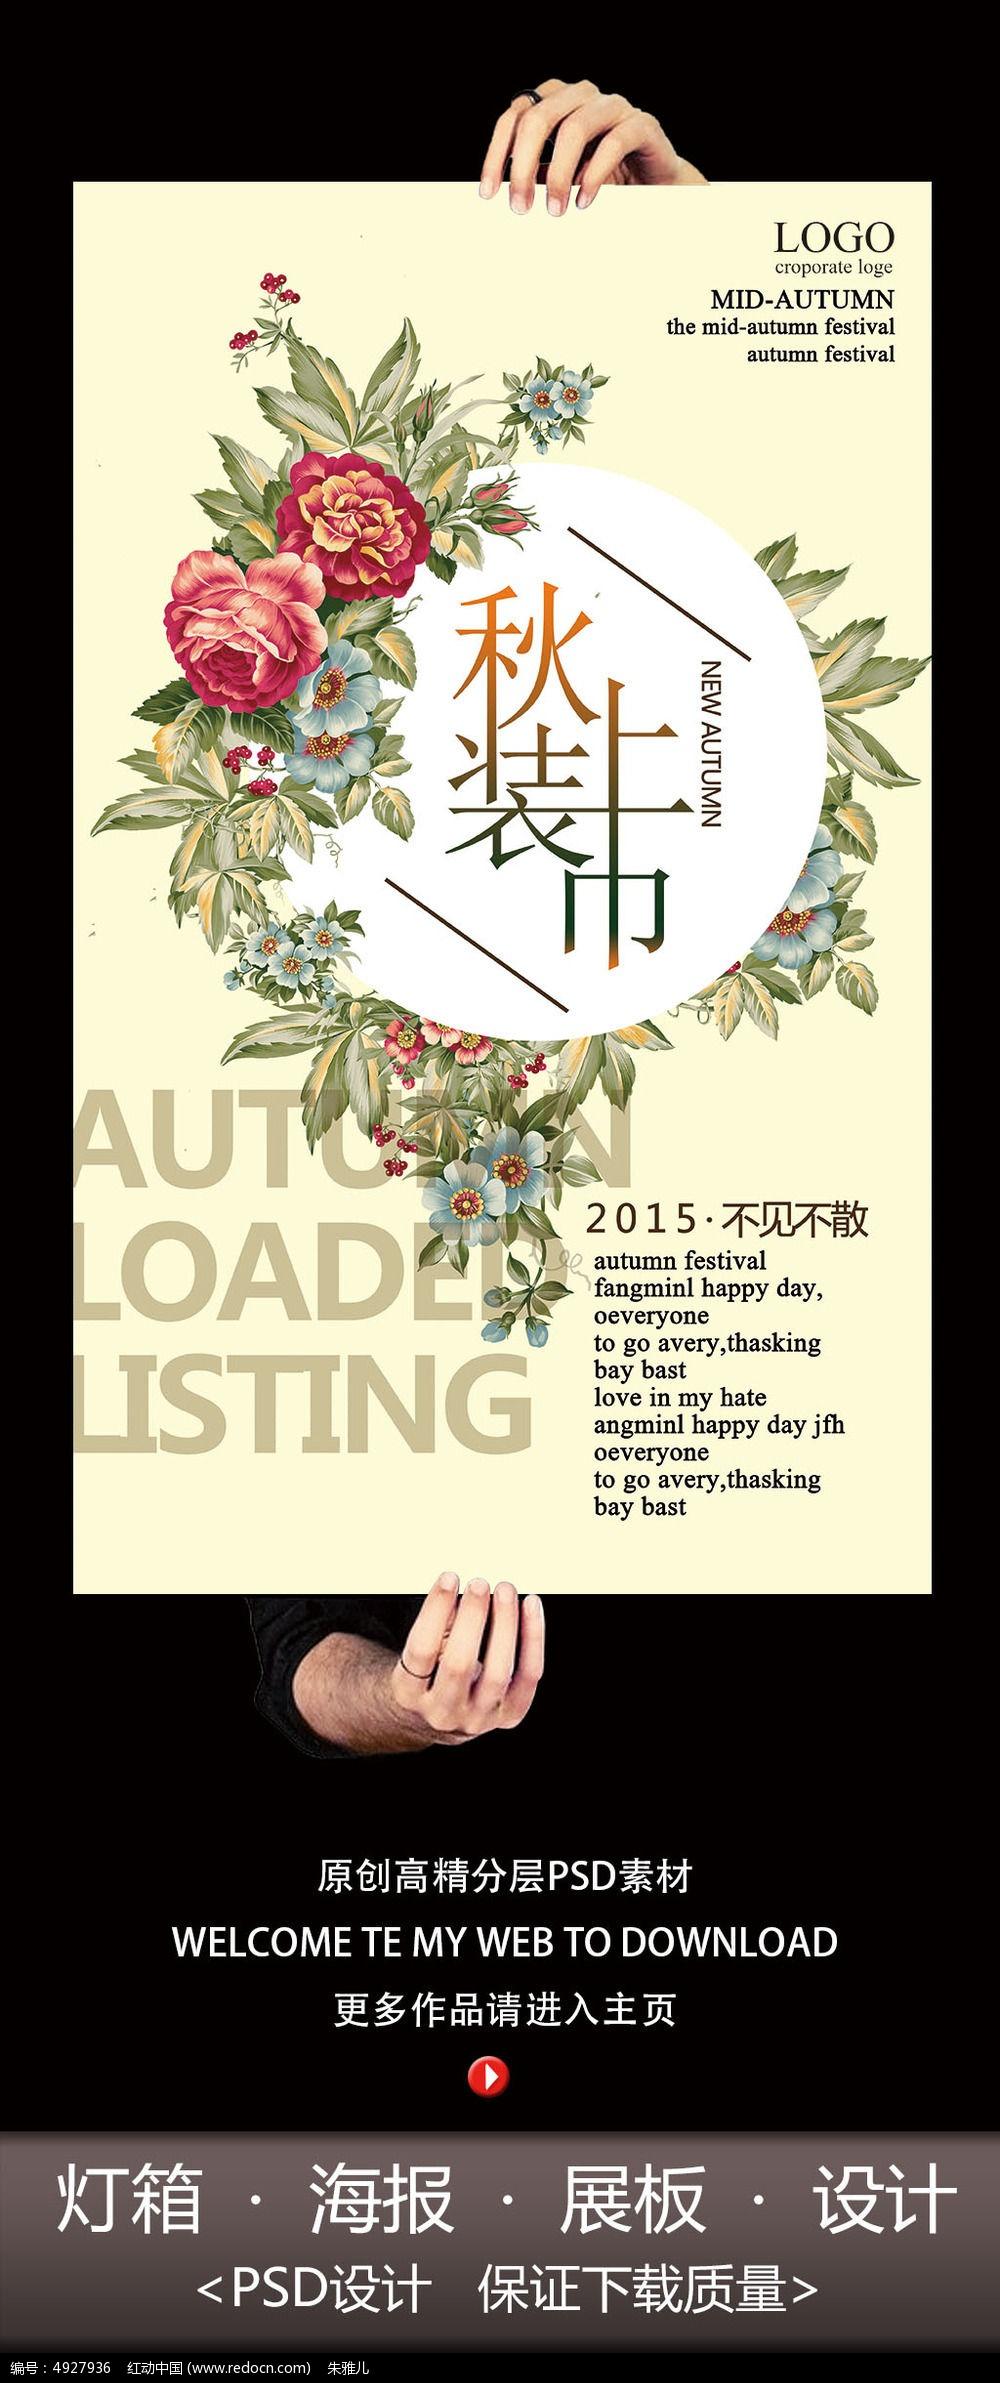 秋装上市淘宝海报_海报设计/宣传单/广告牌图千行酒店logo+设计图图片